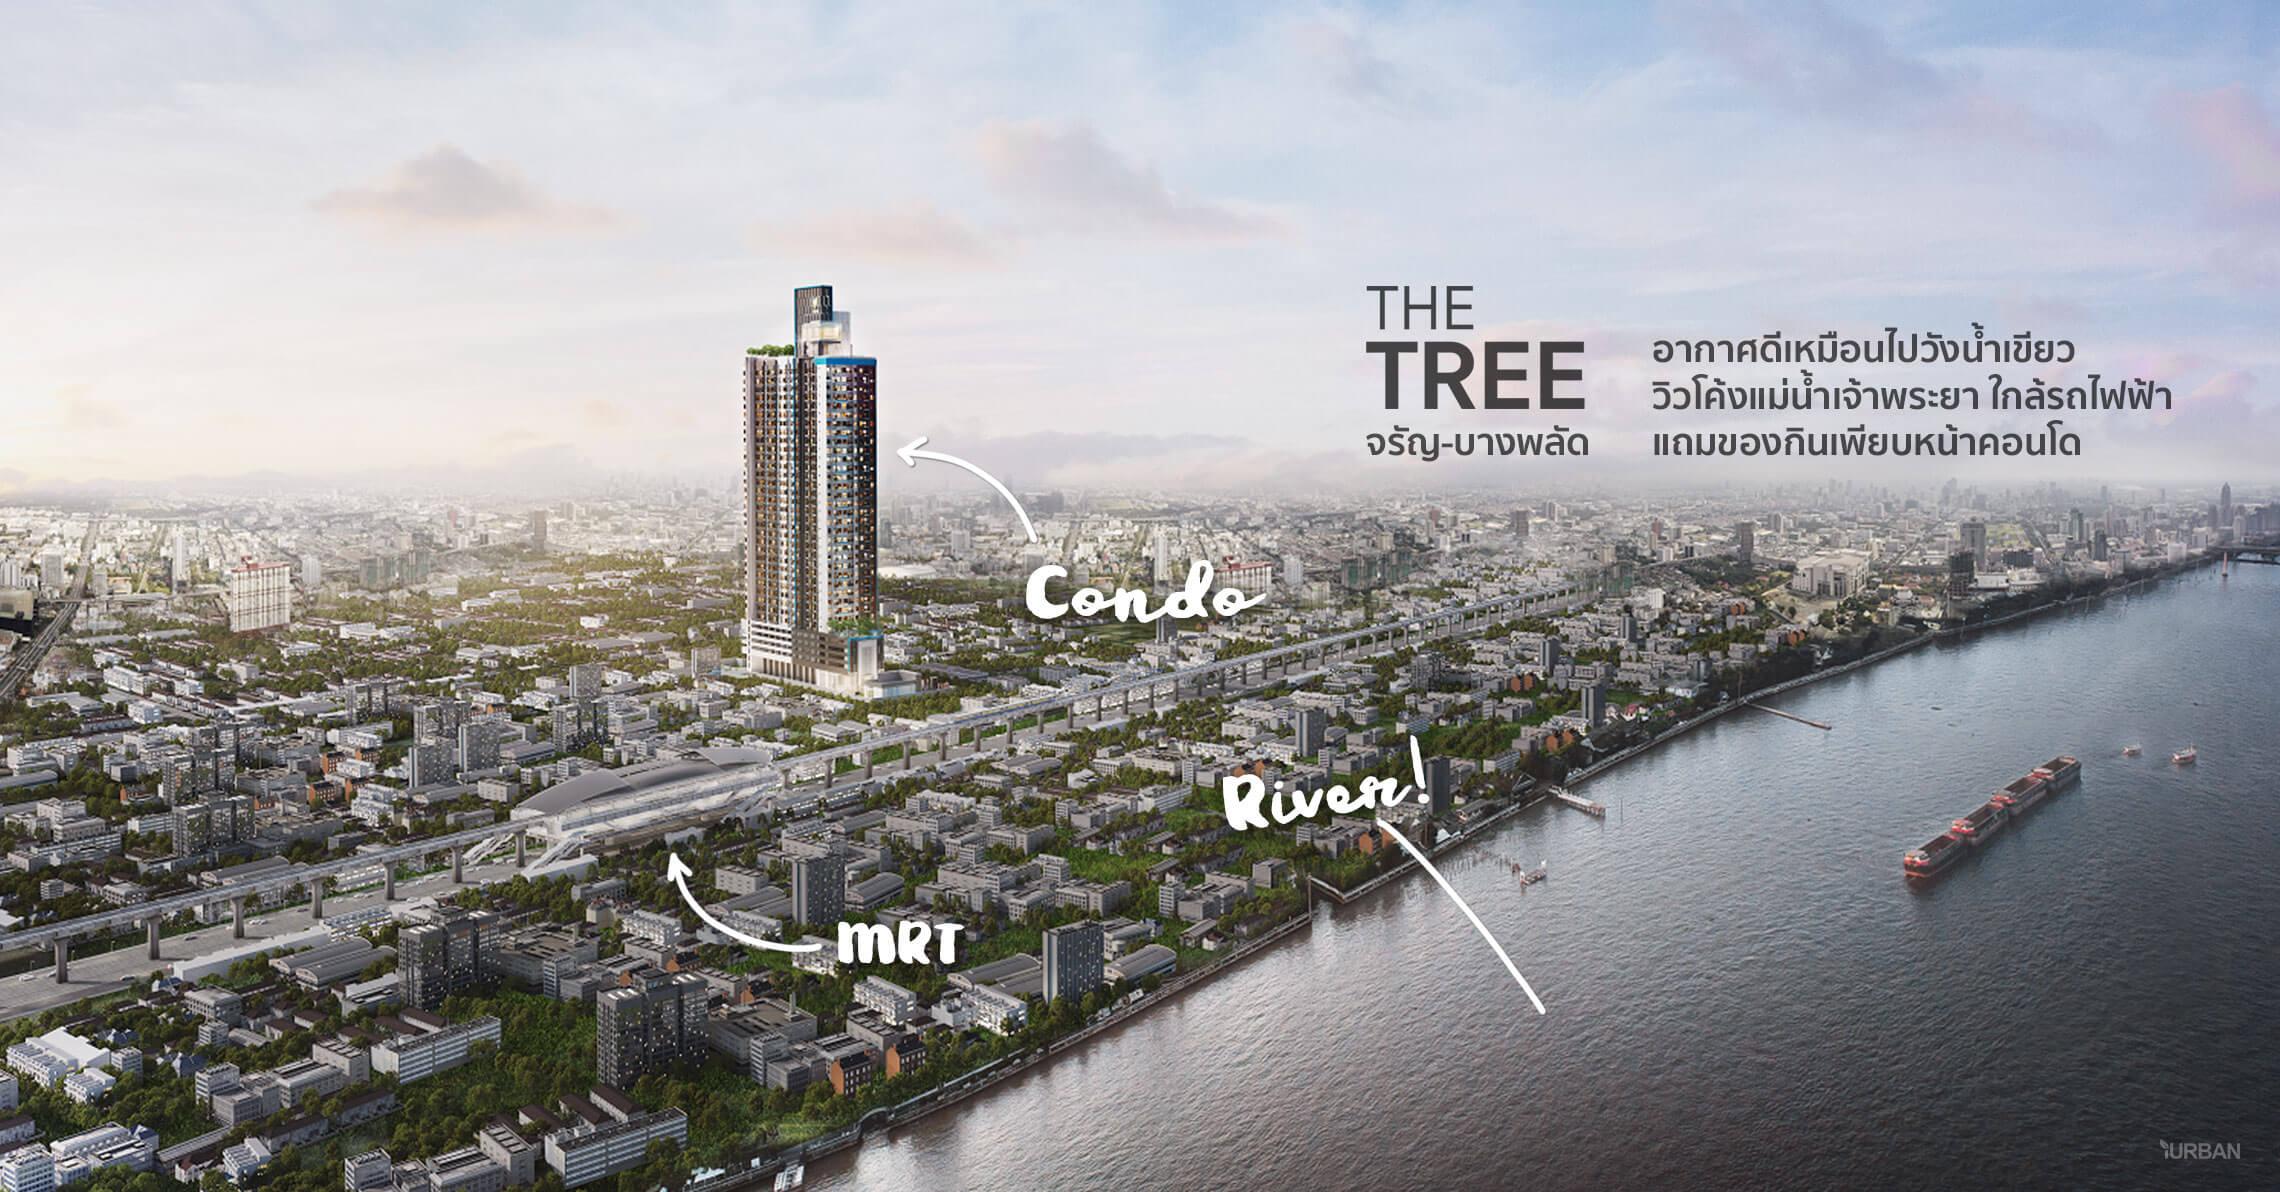 The Tree จรัญ-บางพลัด คอนโดมีระบบอากาศดี ติดรถไฟฟ้าแต่ได้วิวสวยโค้งแม่น้ำเจ้าพระยา 4 - LIVING